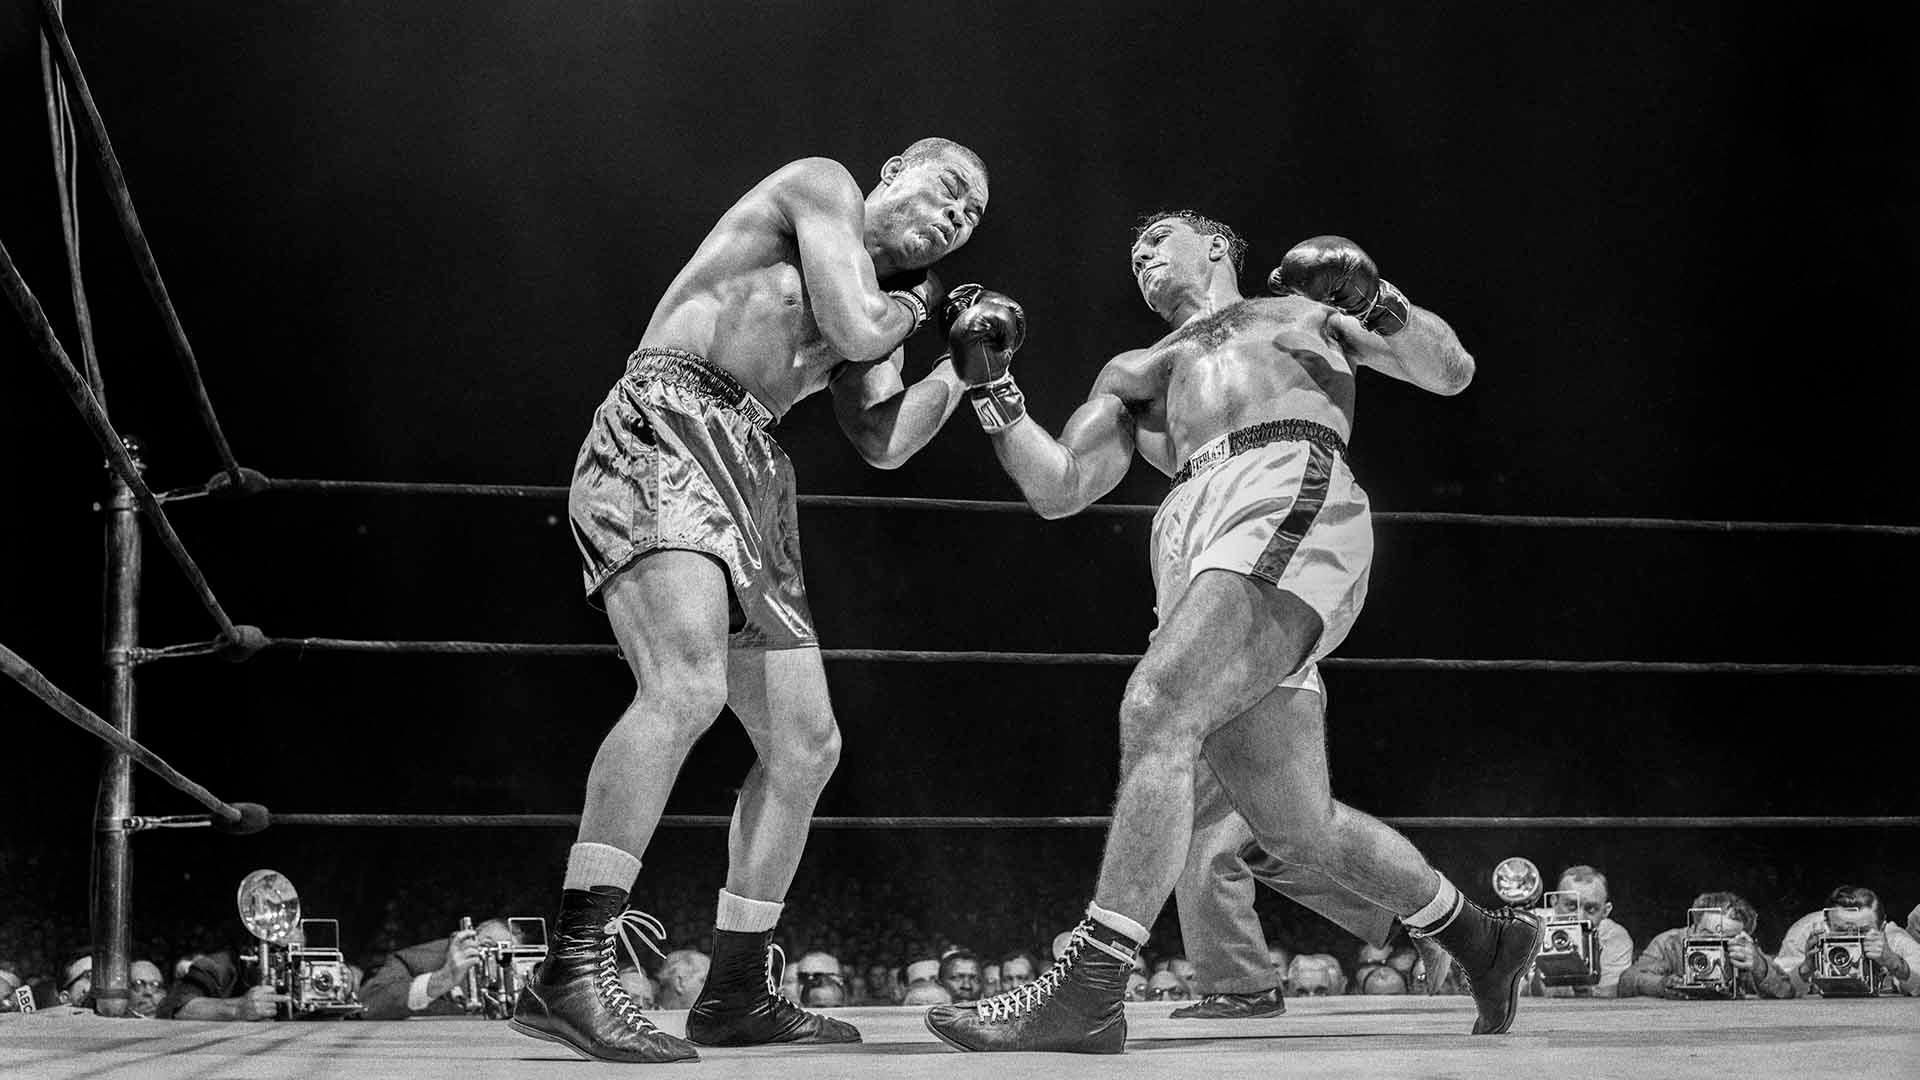 Conheça as 10 lutas de boxe mais marcantes em todo o mundo